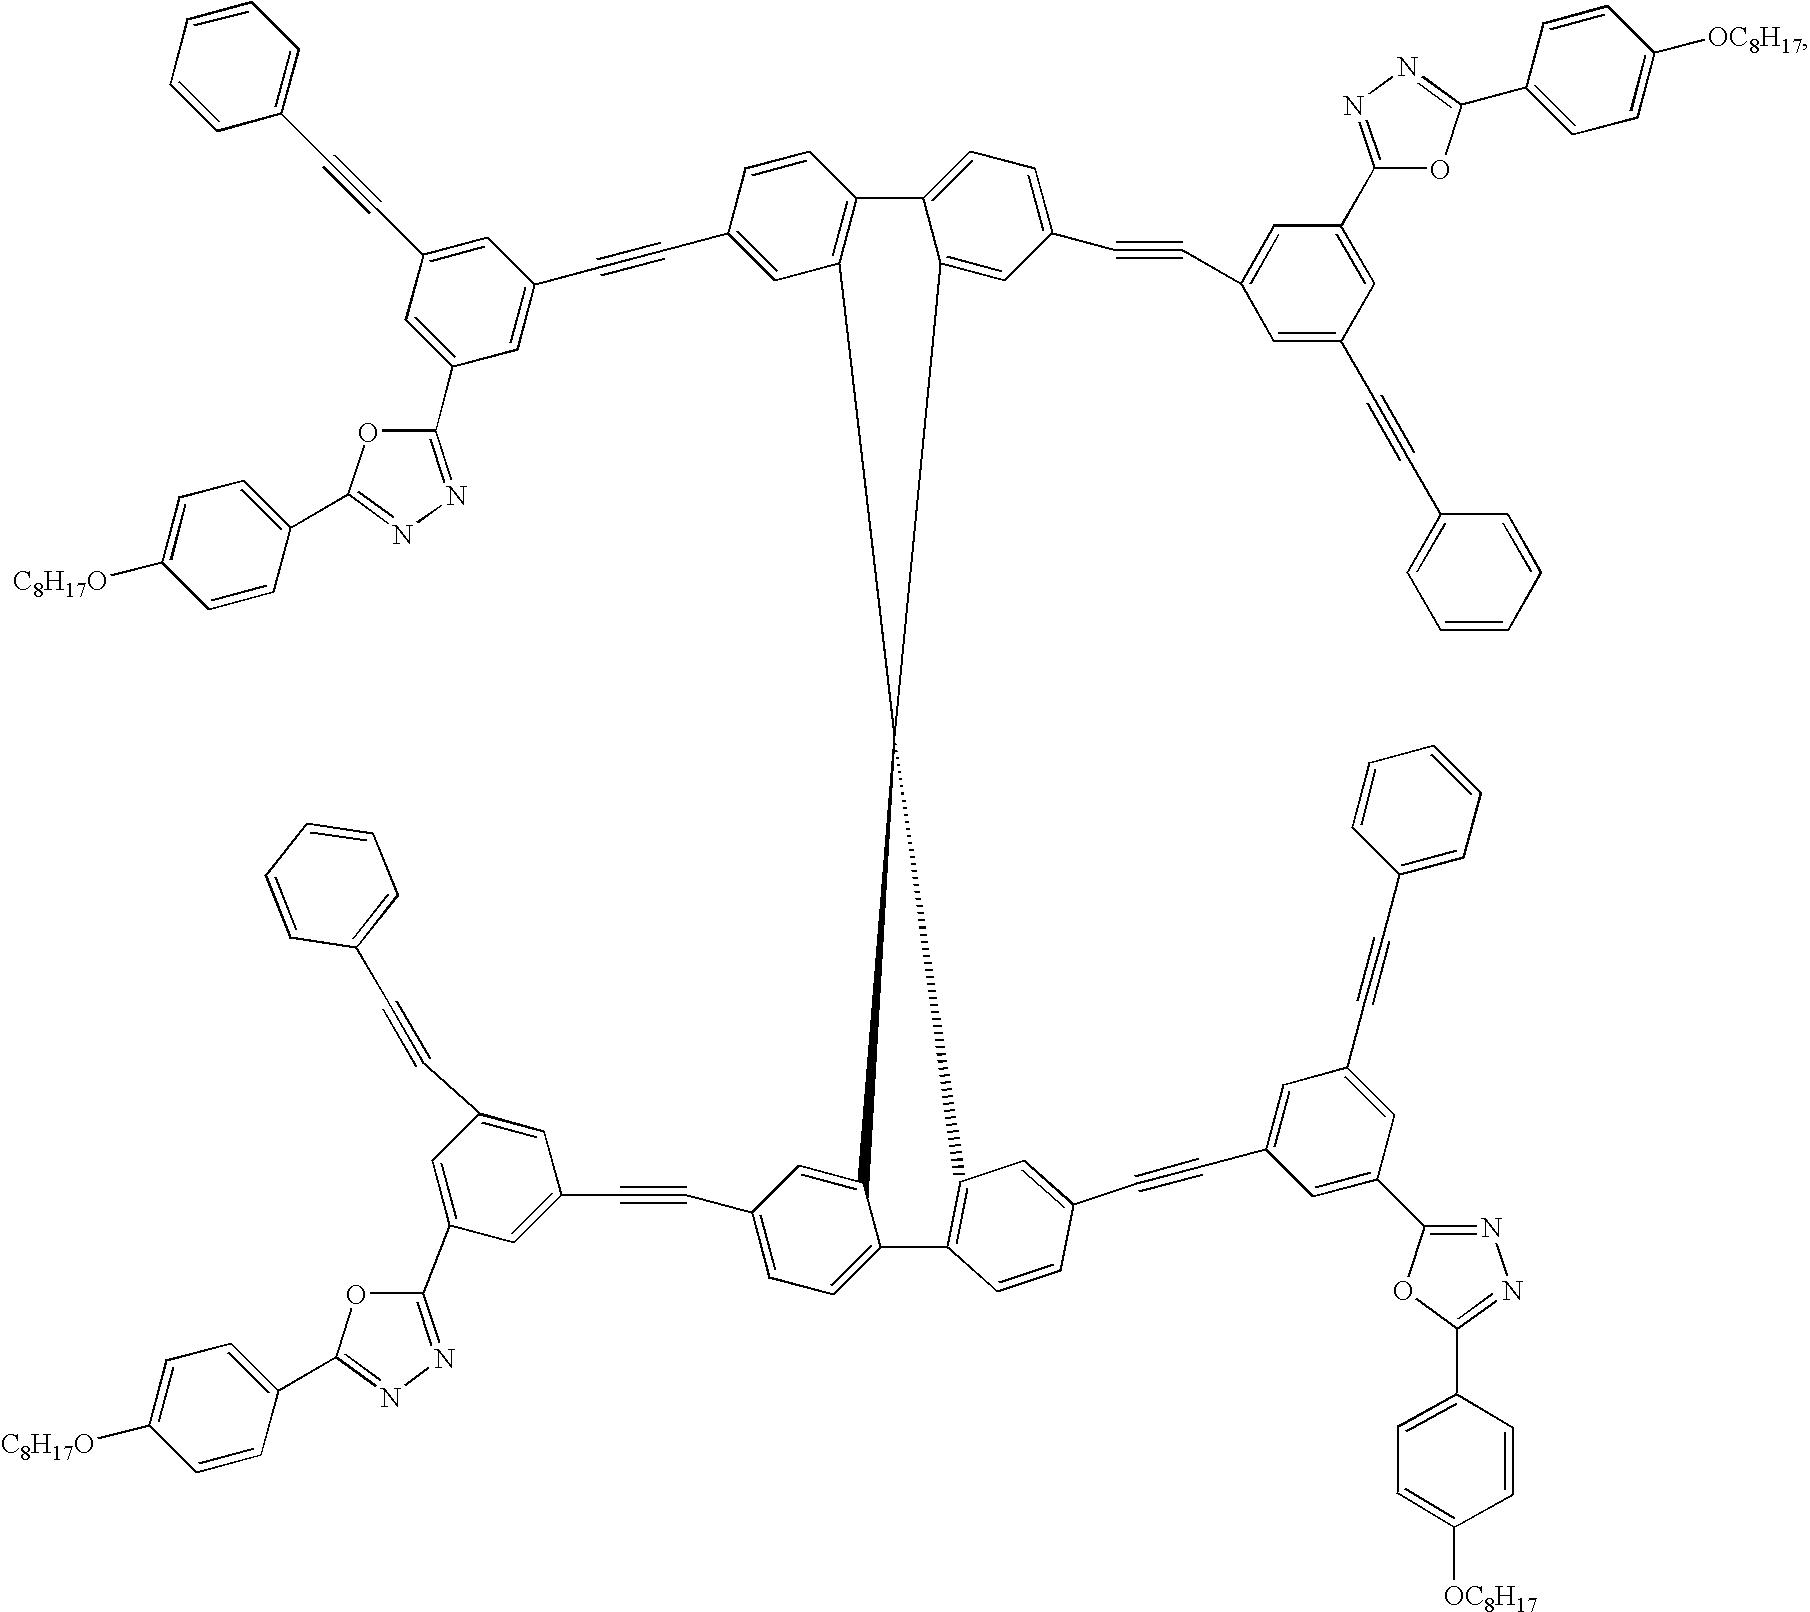 Figure US20070107835A1-20070517-C00100